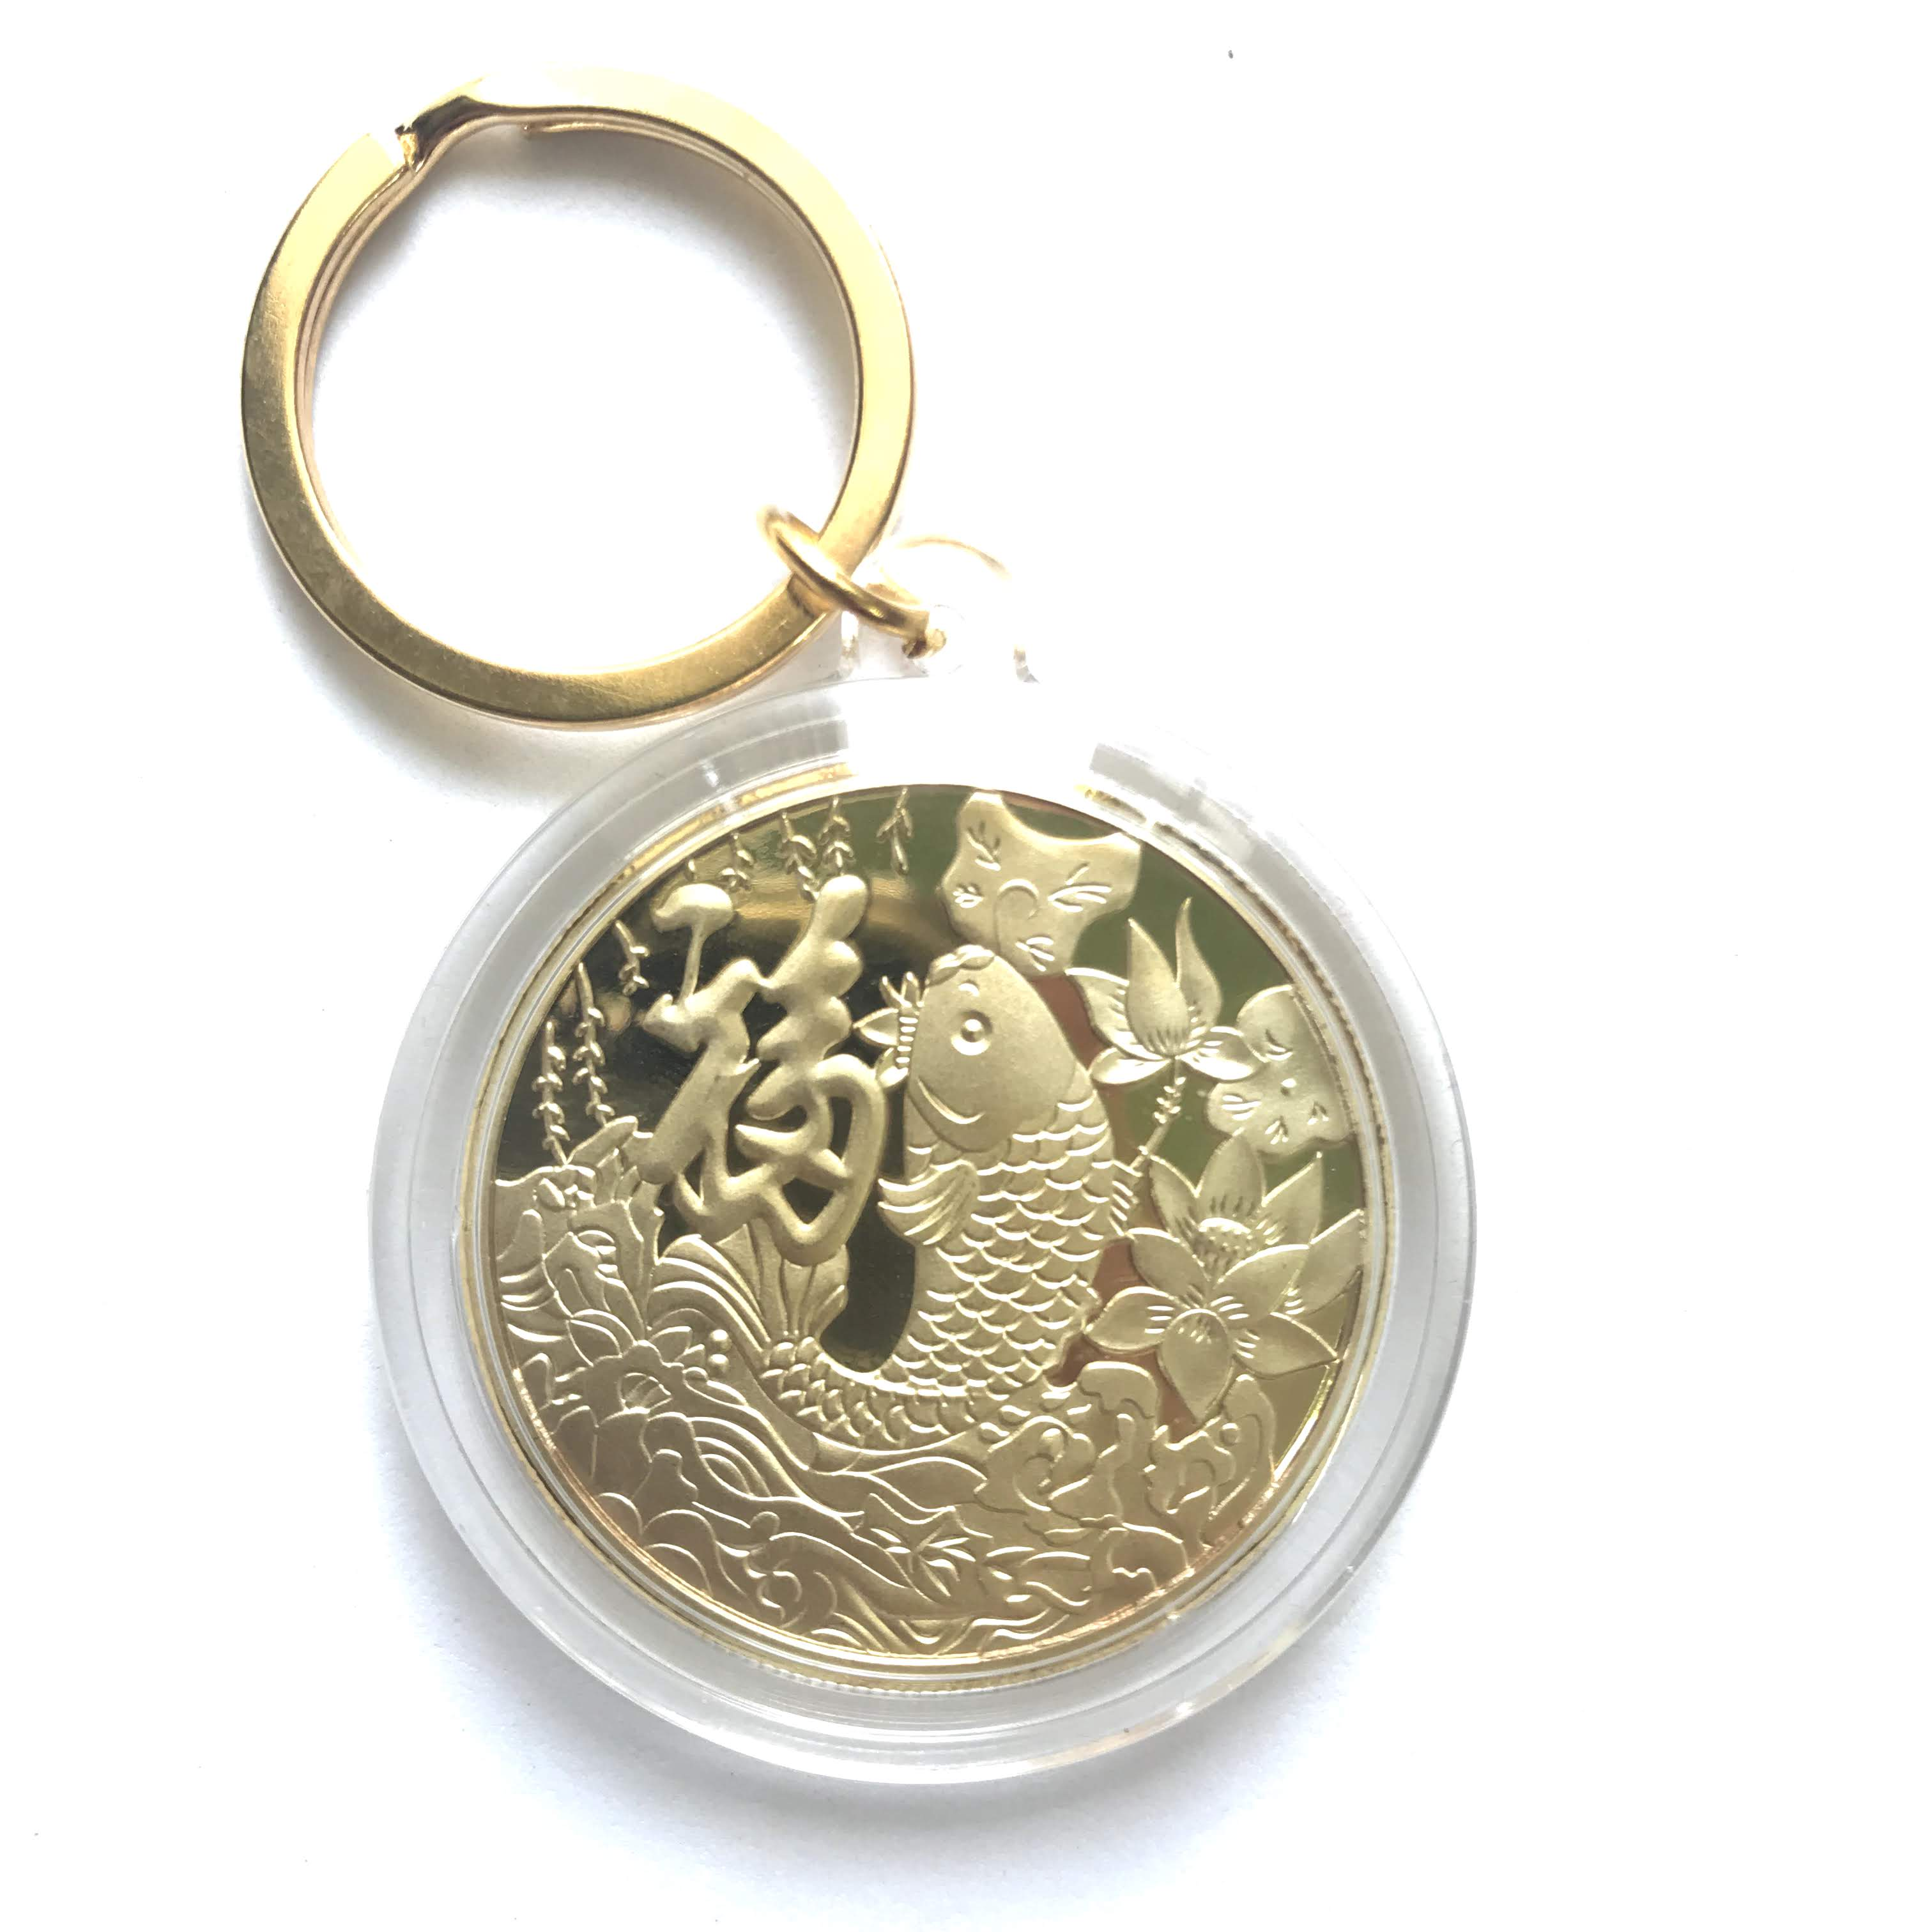 Móc khóa xu Cá Chép Hóa Rồng Mang Lại Tài Lộc Hanh Thông  - SP000414